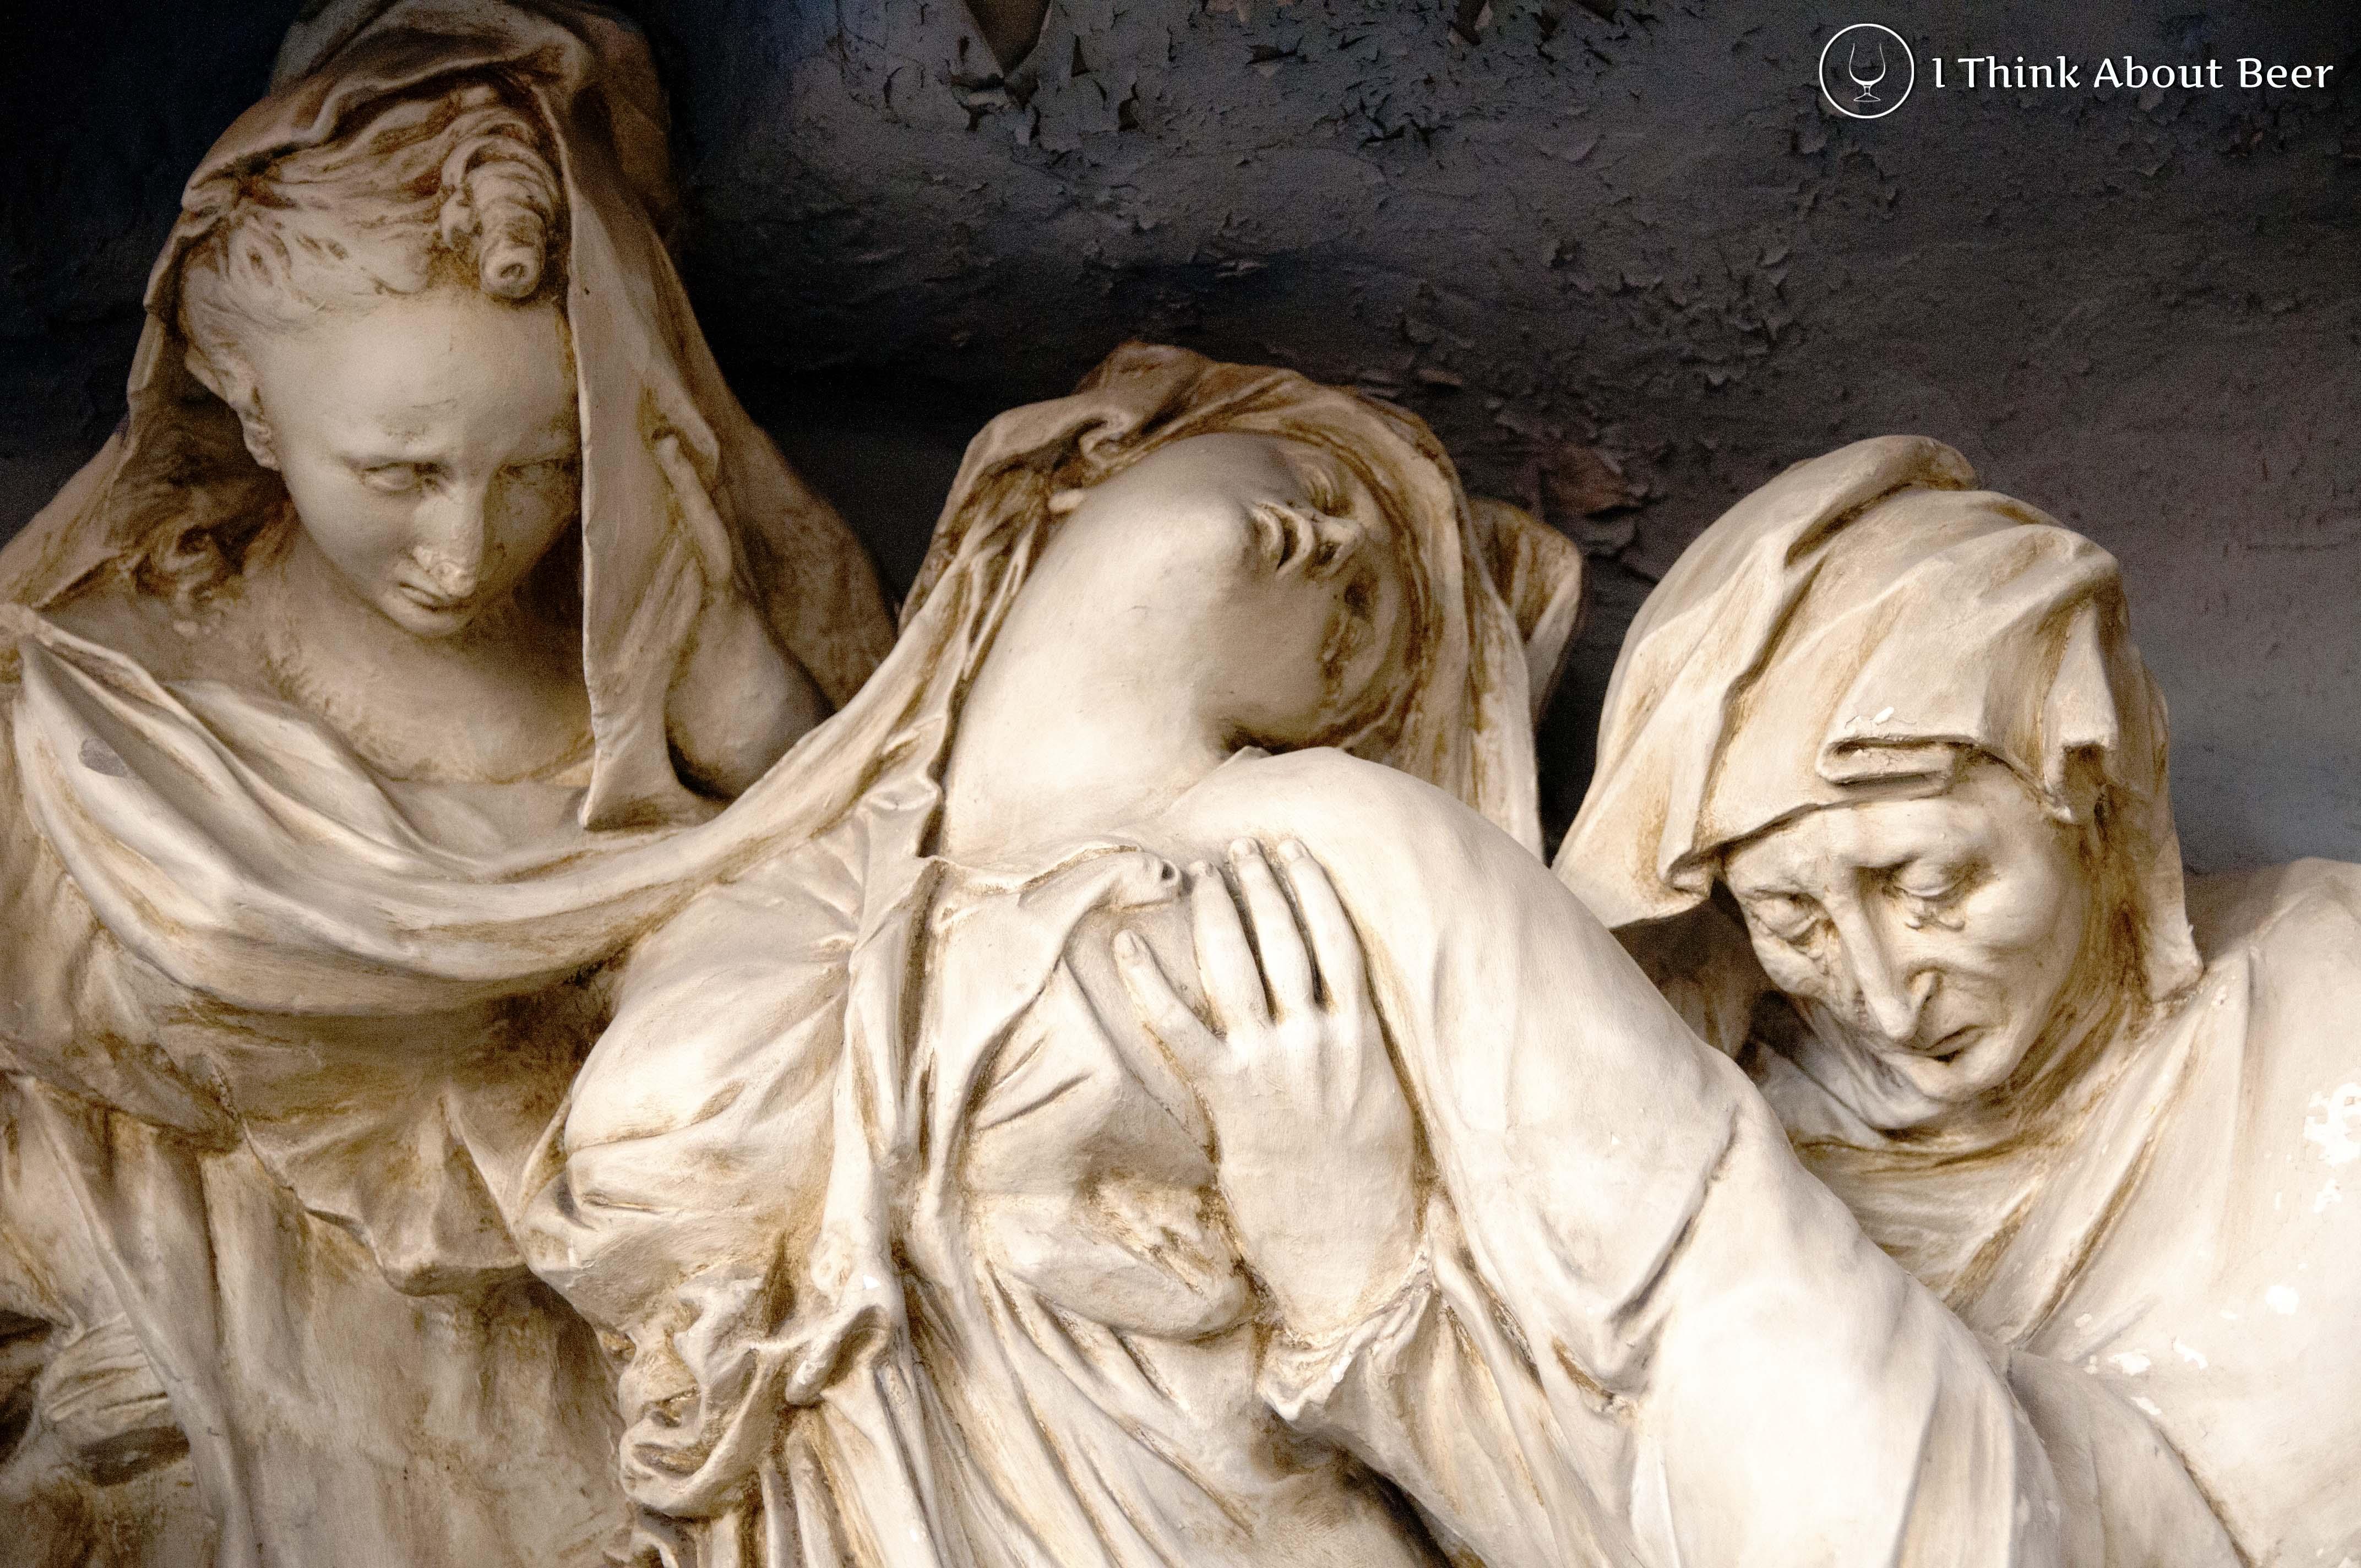 St Bertinus Poperinge Statue of Three Women